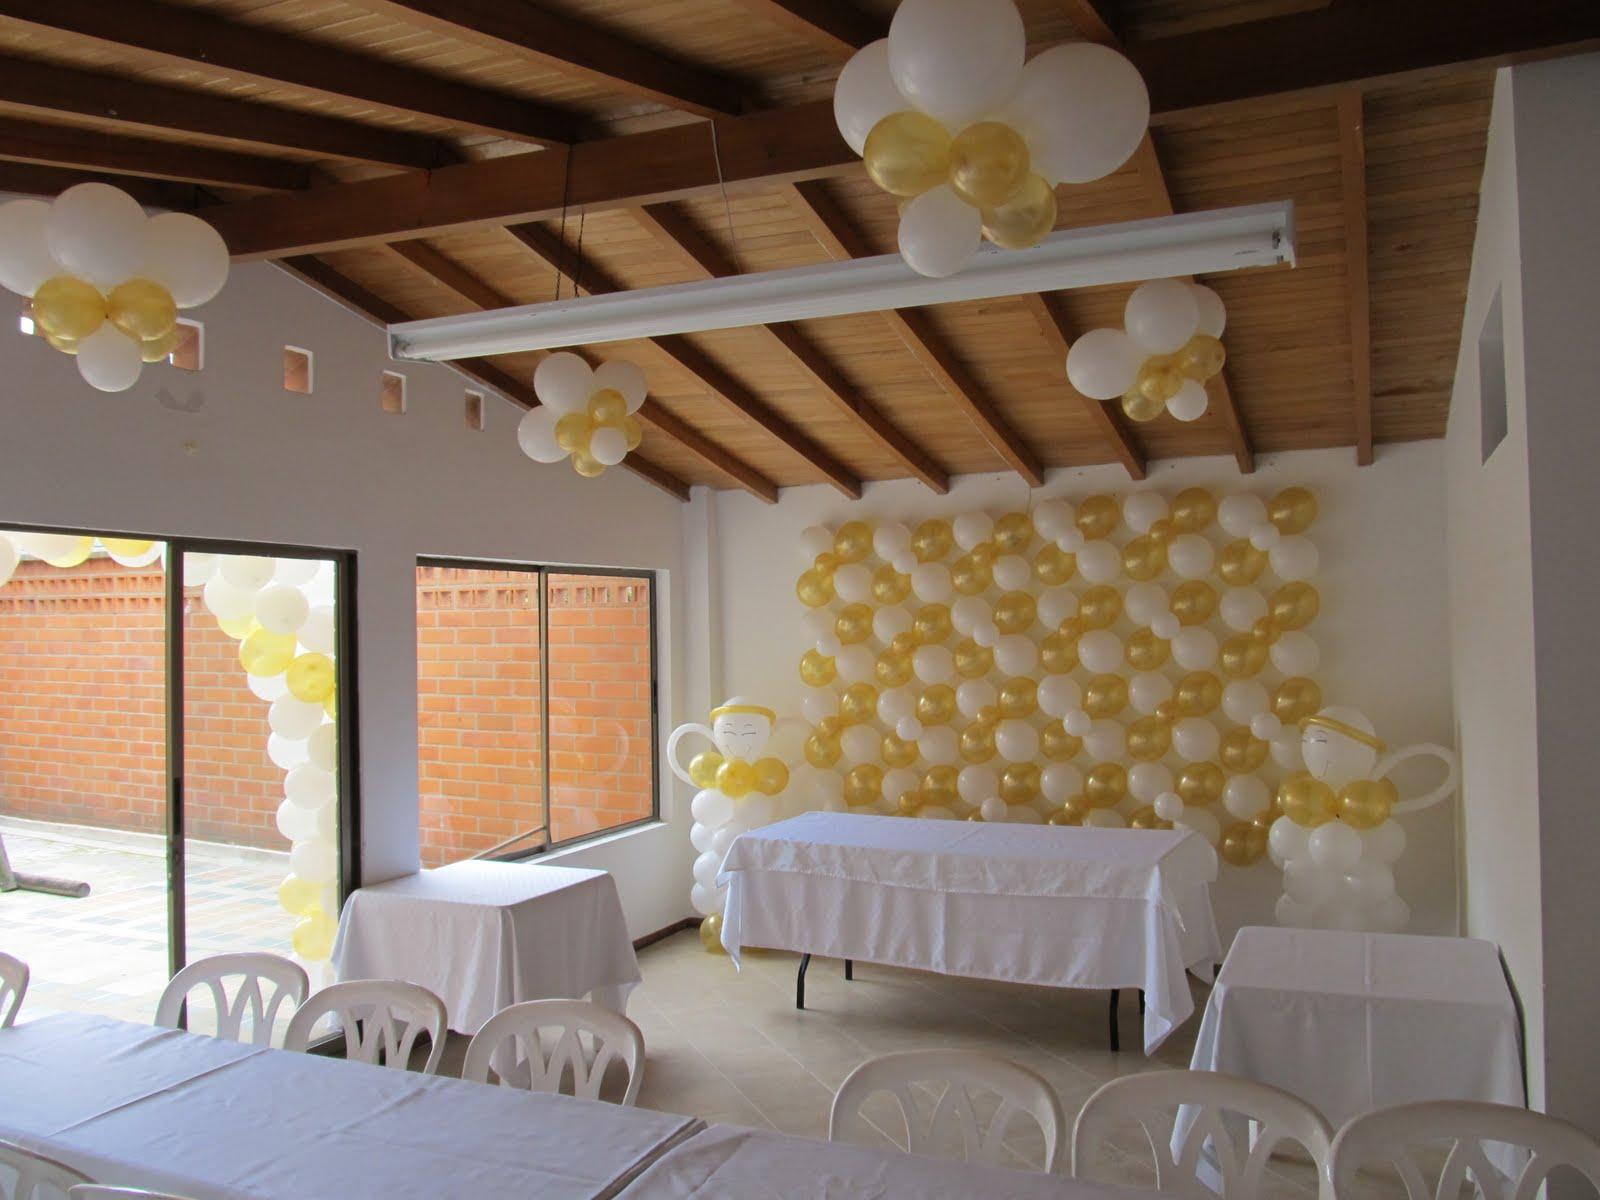 Decoracion con globos para primera comunion y recreacionistas medellin recreacionistas - Decoracion de primera comunion ...